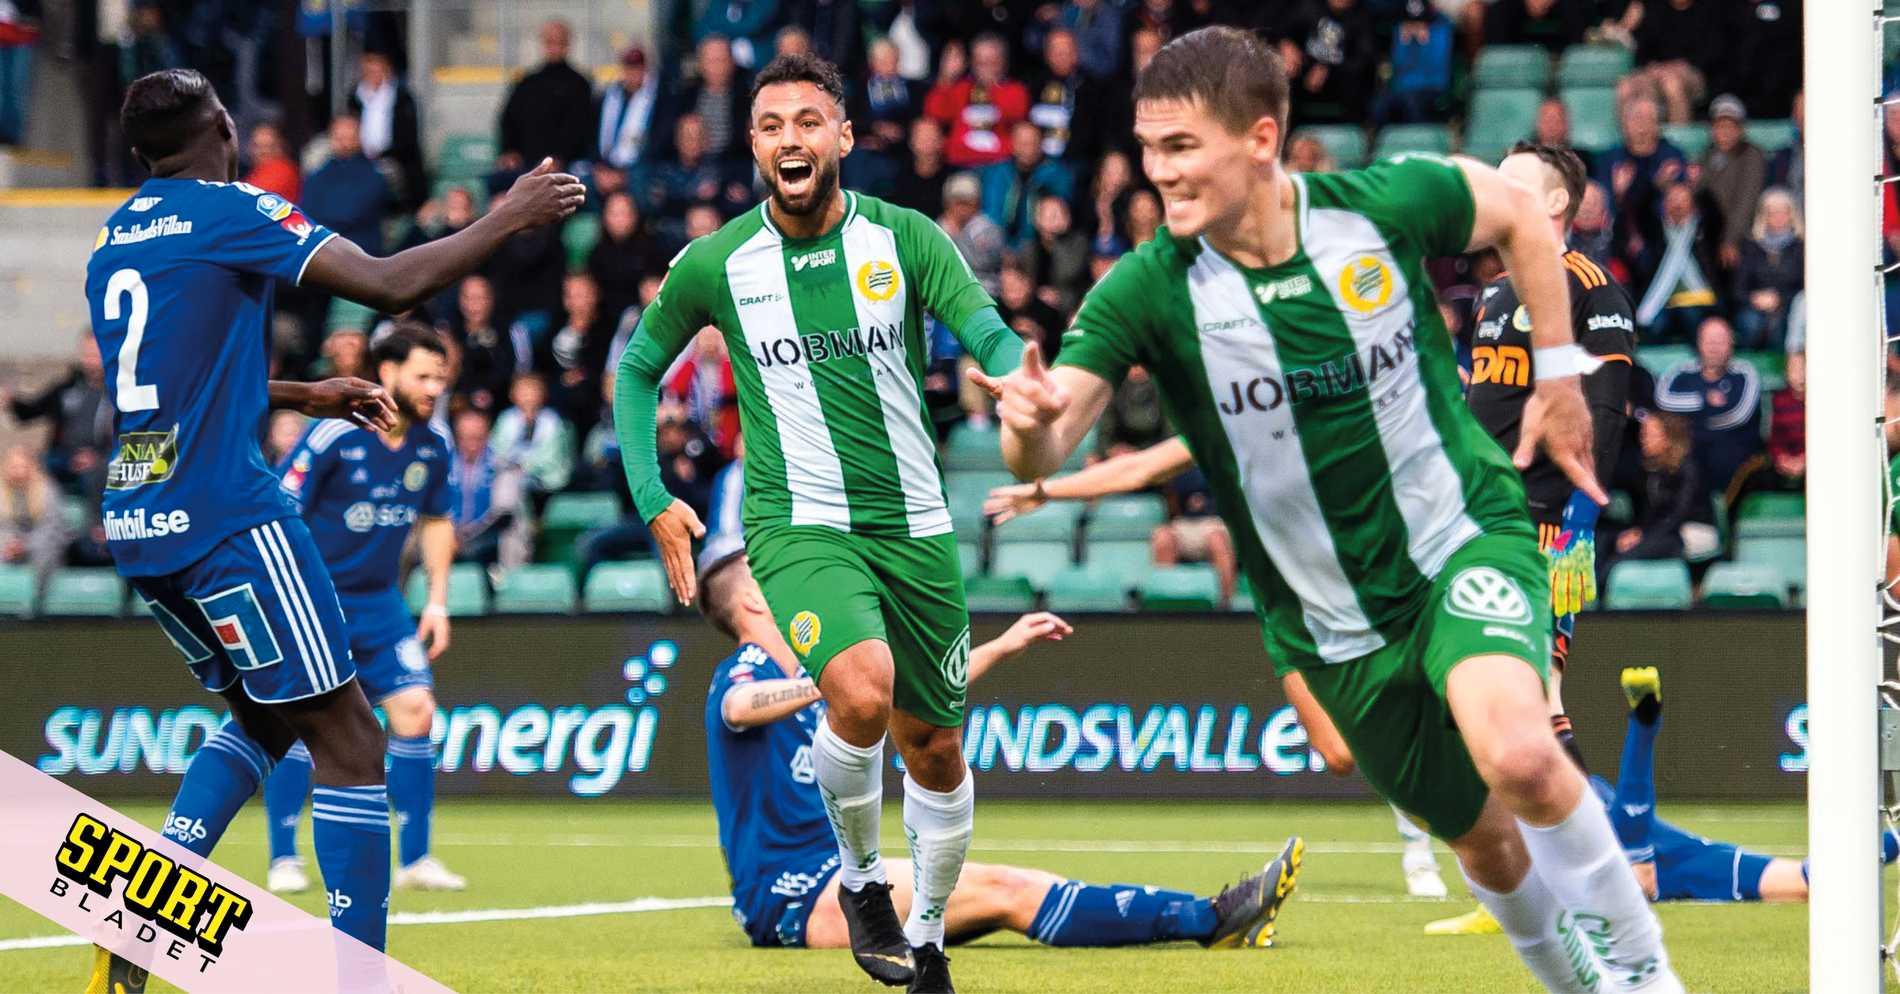 Hammarby slog Sundsvall med 3-2 i allsvenskan